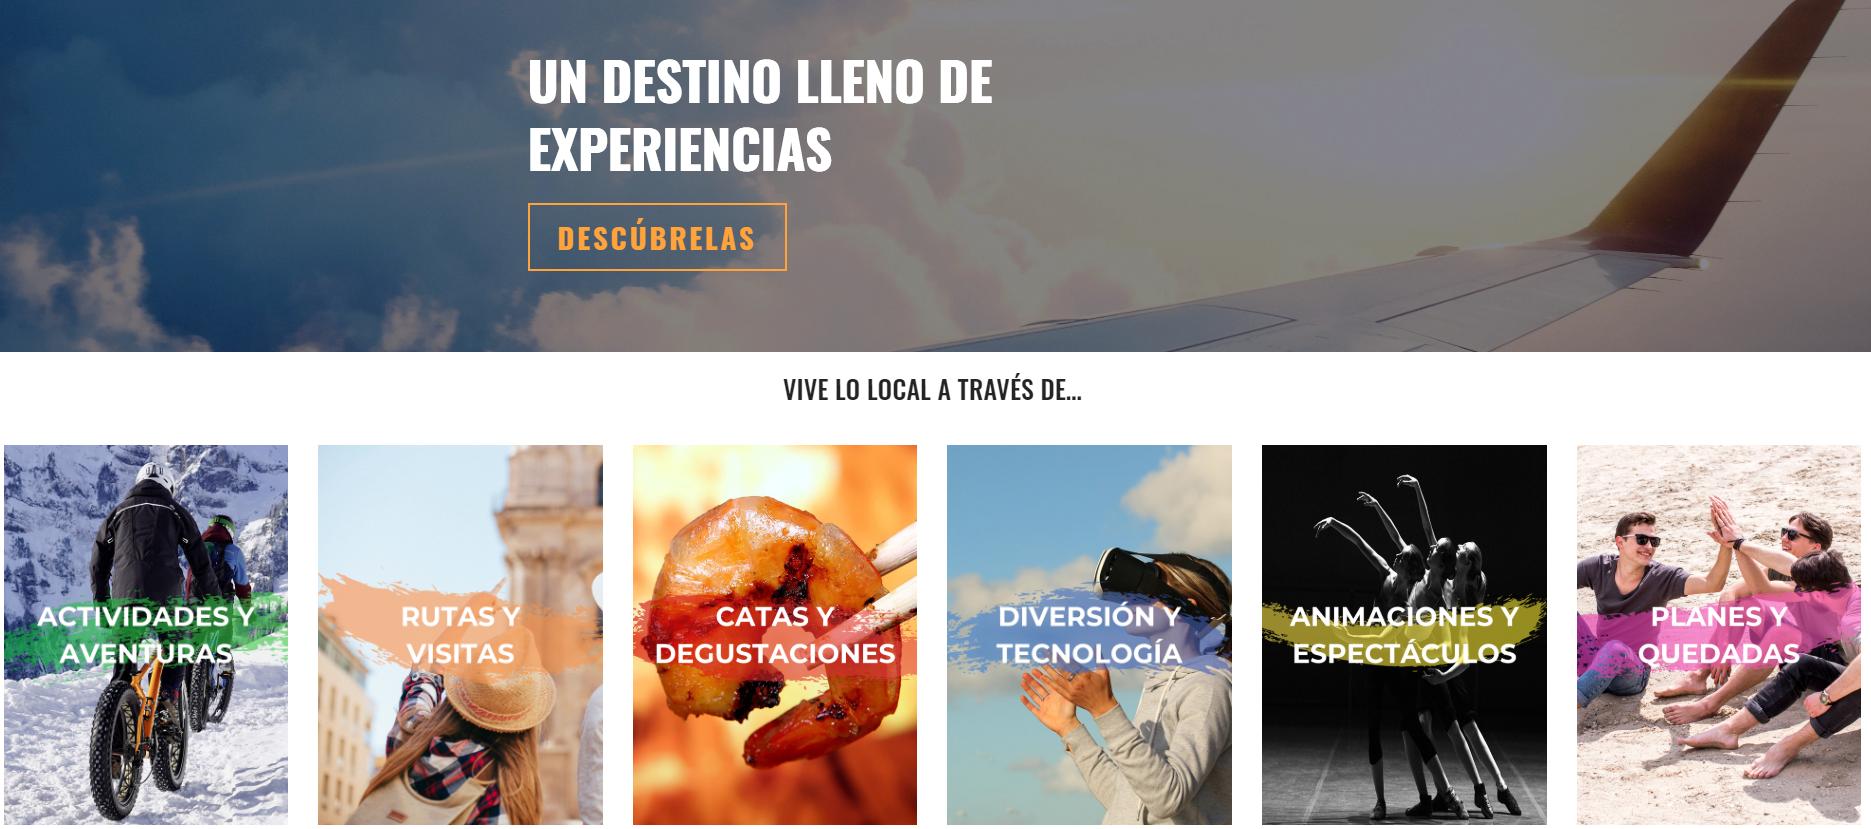 web-experiencias-del-destino